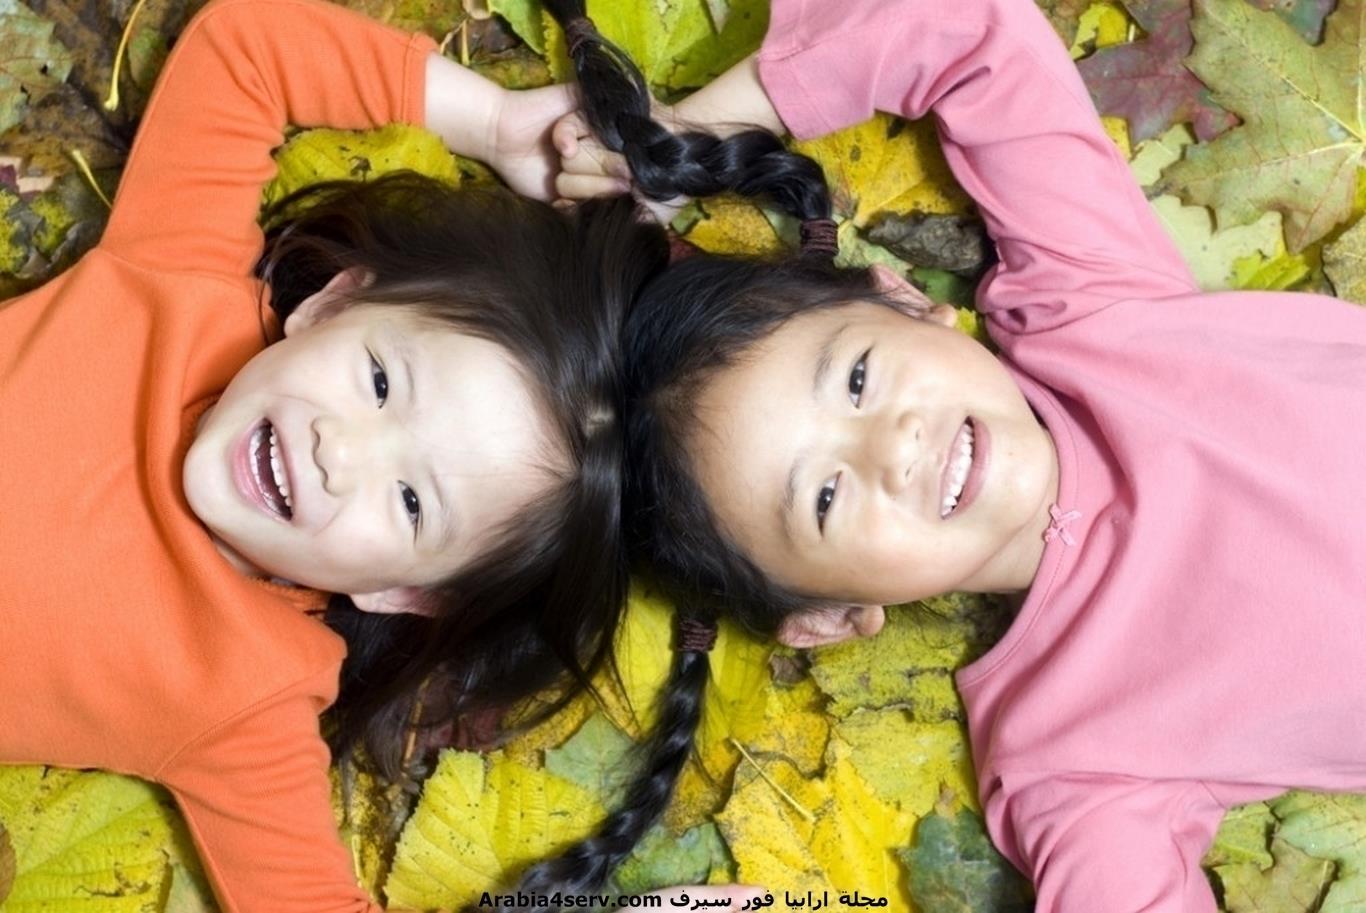 خلفيات-وصور-اطفال-اصدقاء-2